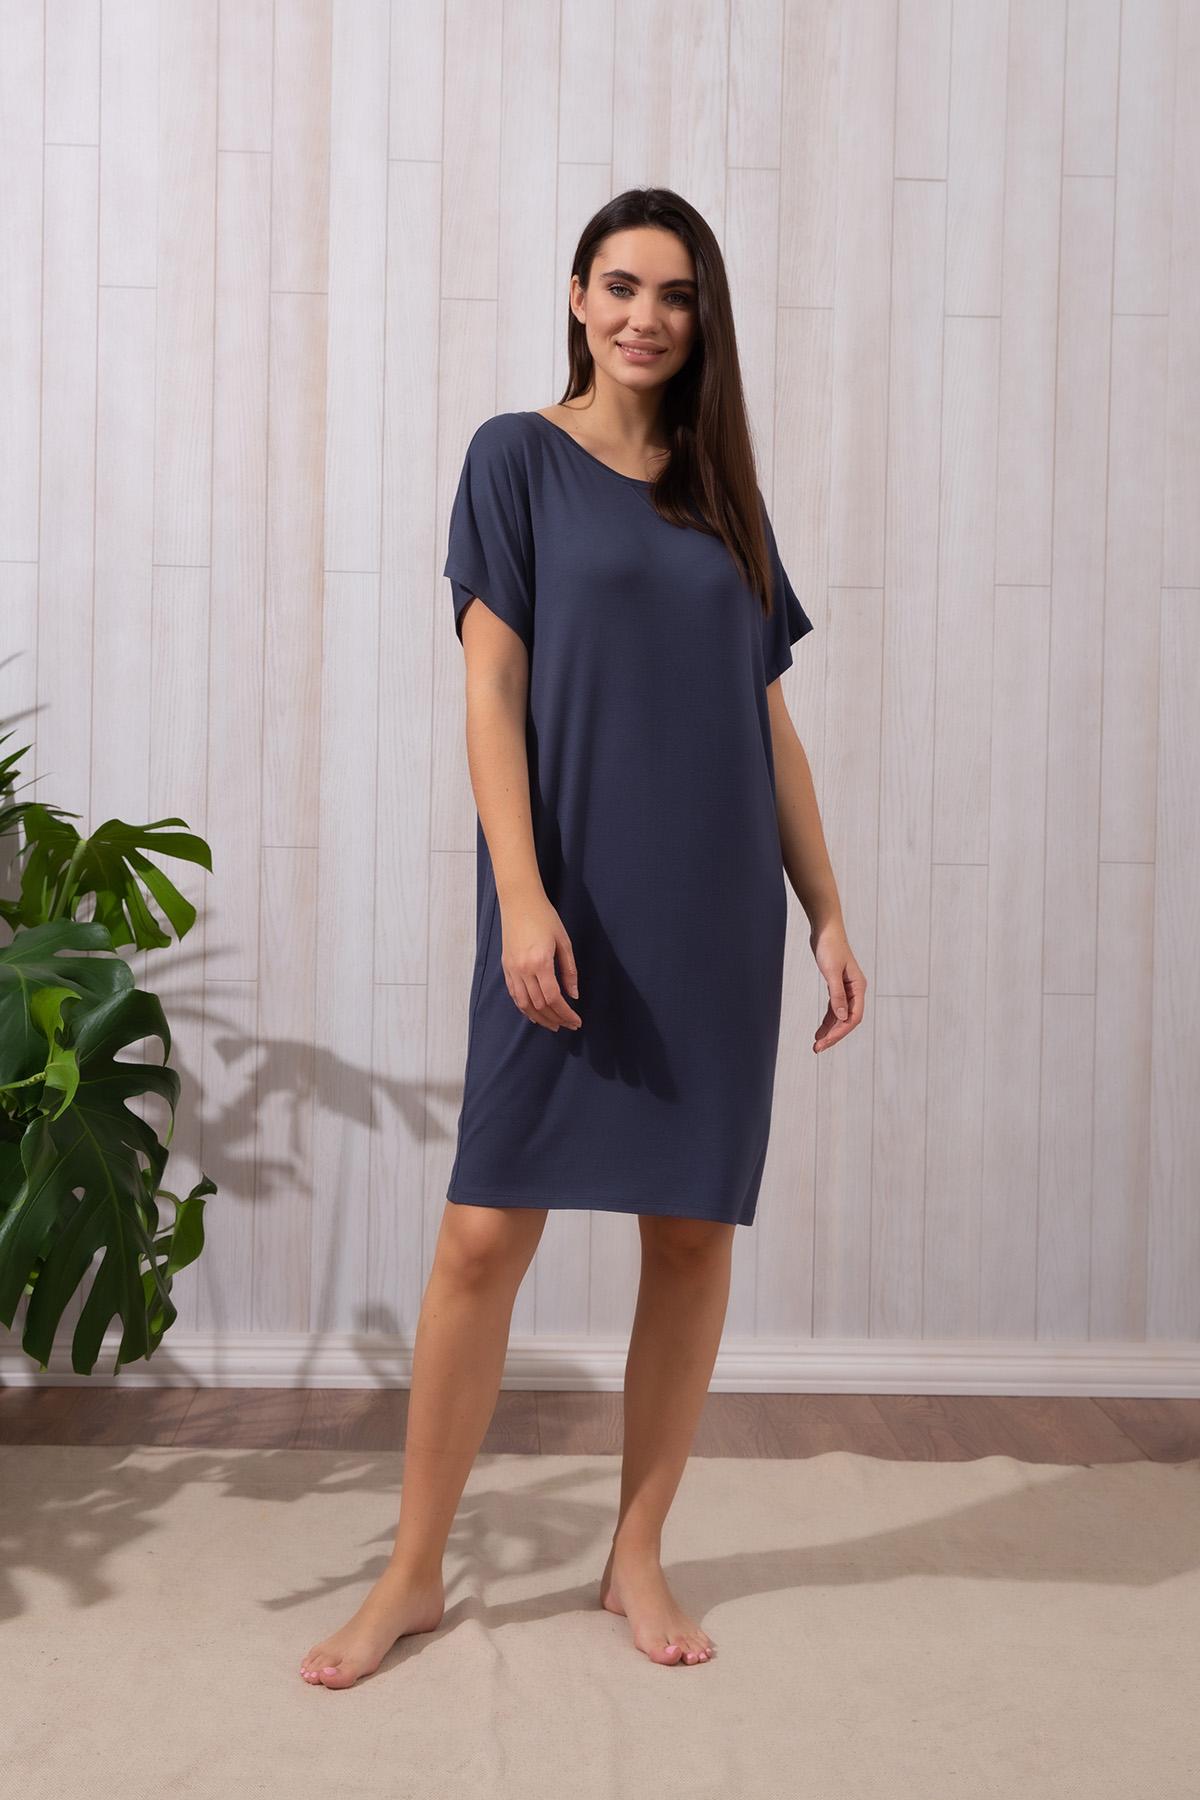 Hays Kadın Büyük Beden Kısa Kollu Elbise